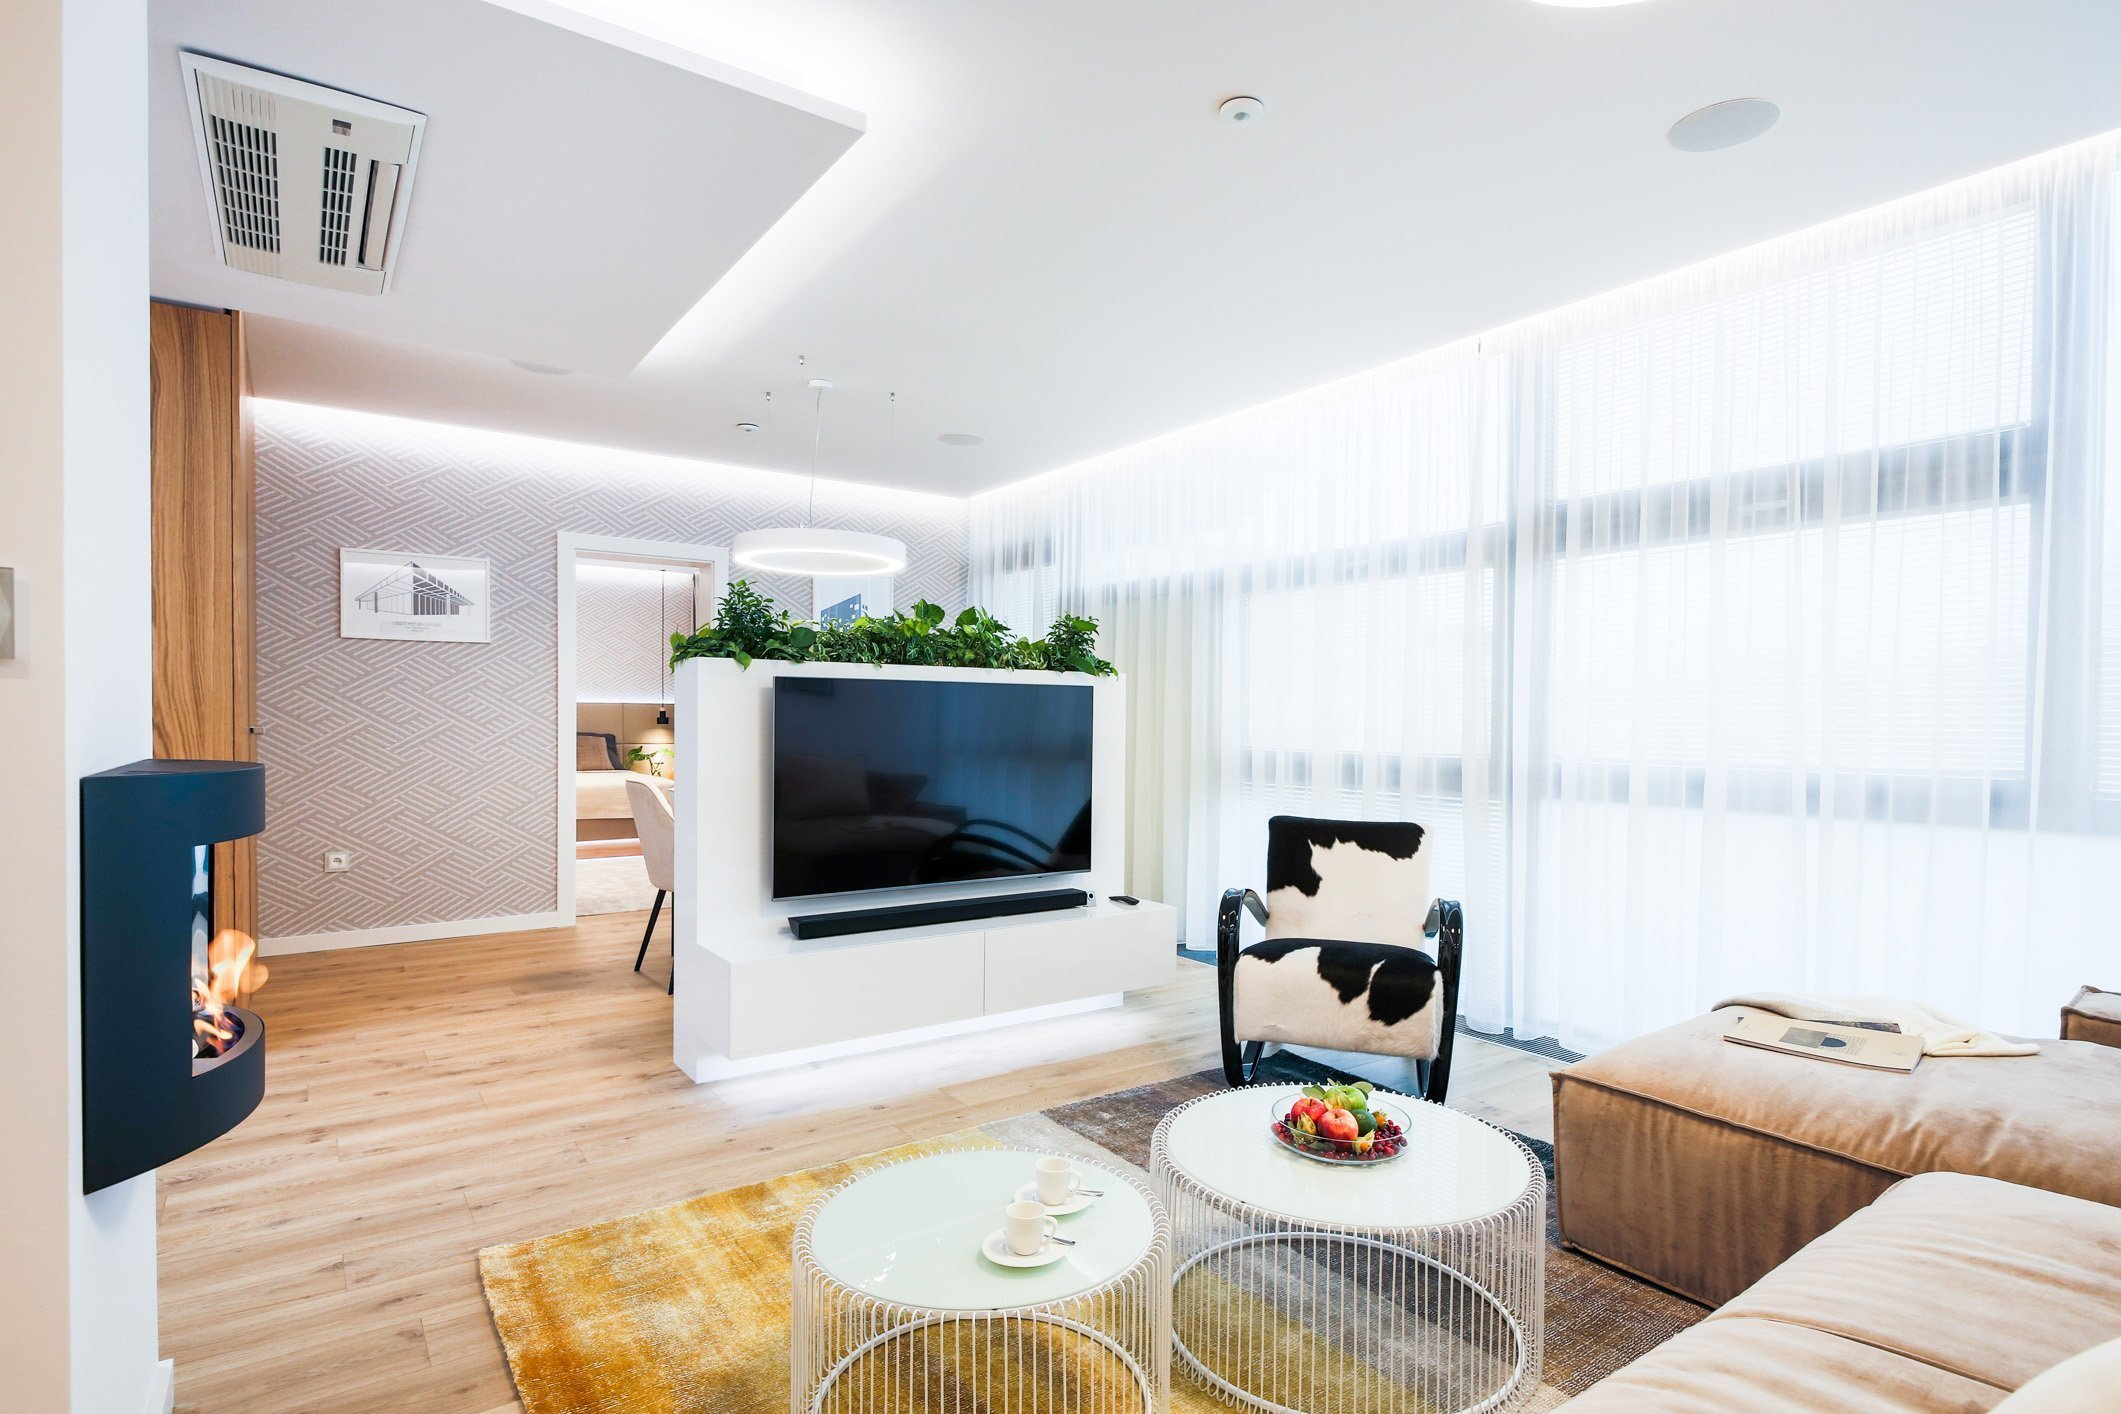 Predstavujeme Vám luxusný interiér bytu, v ktorom dominujú materiály ako dubová dyha, biely lesk a celkový dojem dotvára zvolená paleta príjemných textílií a…